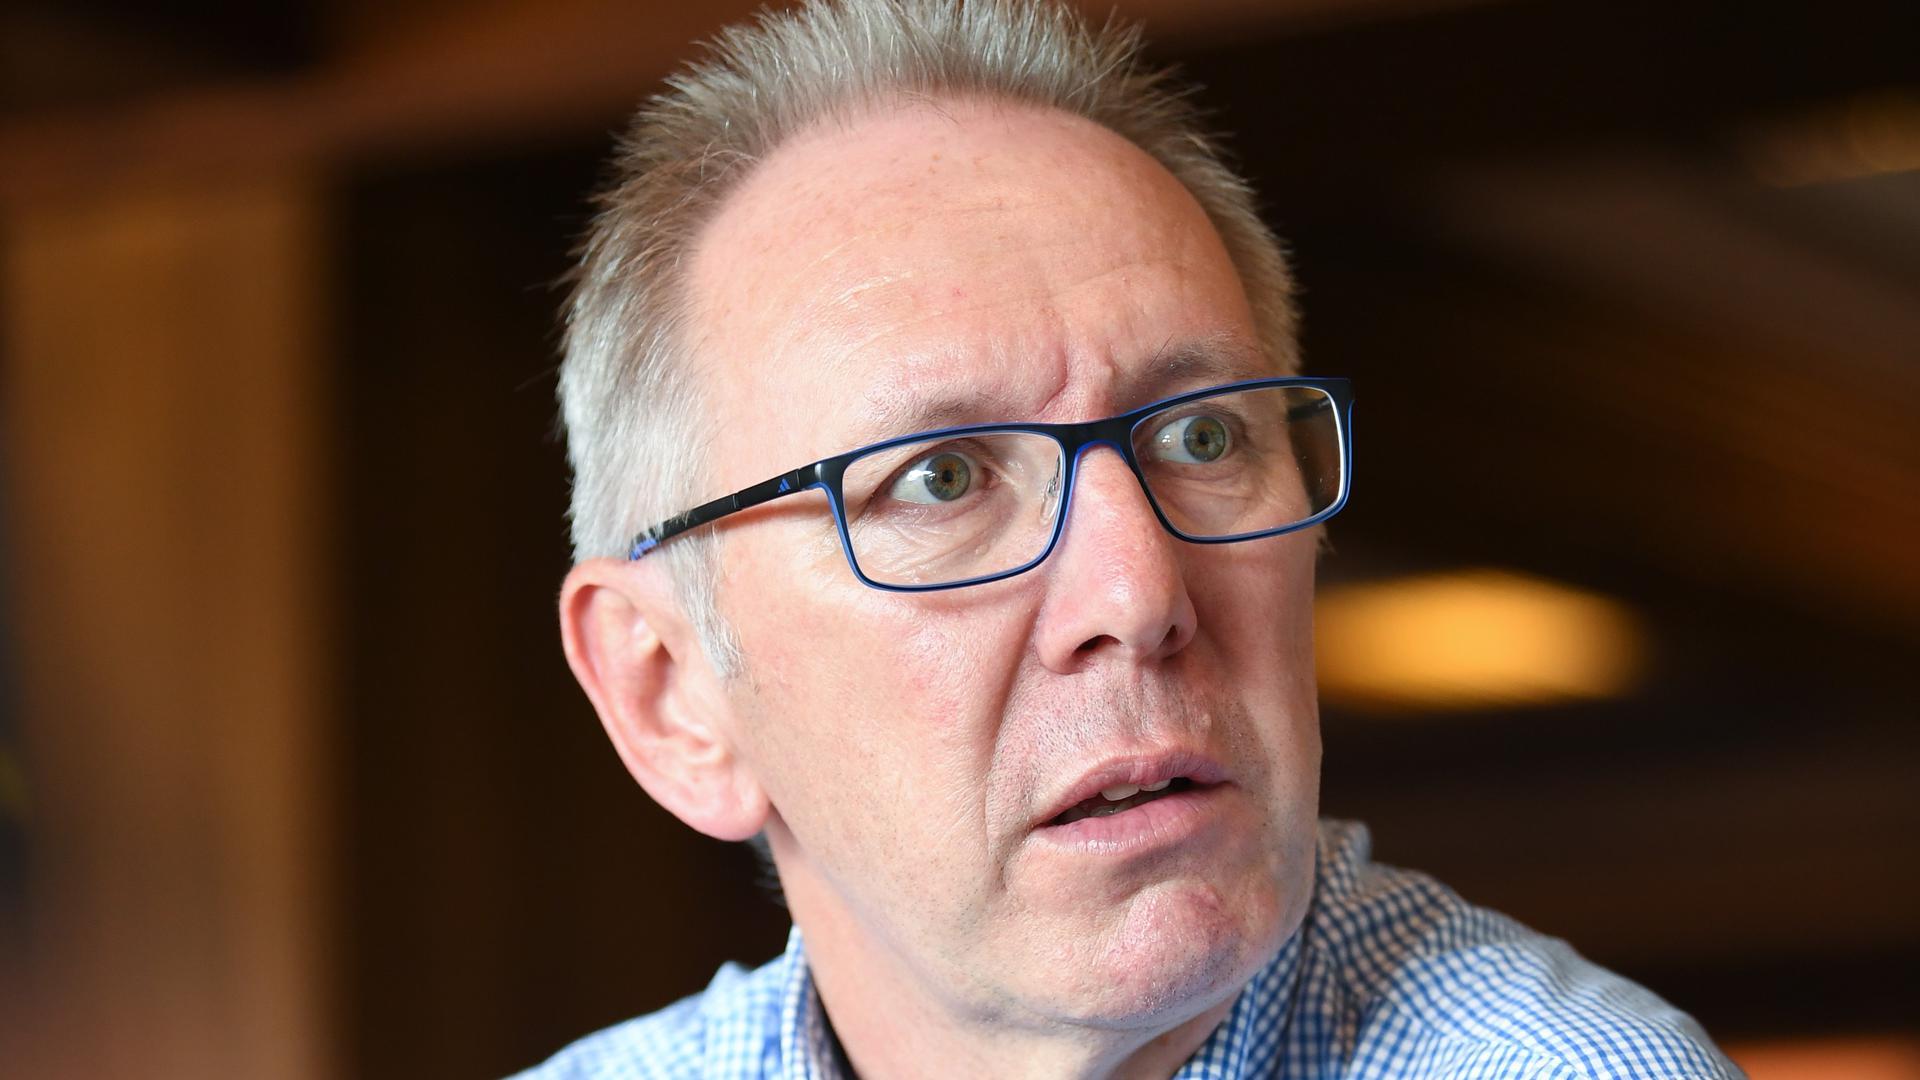 Thomas Roessler (Kreisvorsitzender Fussballkreis Karlsruhe), Portrait, Portraet, Porträt, Kopf .  GES/ Sportart/ BNN-Interview Praesidenten Fussballkreis Bruchsal und Karlsruhe, 30.07.2018